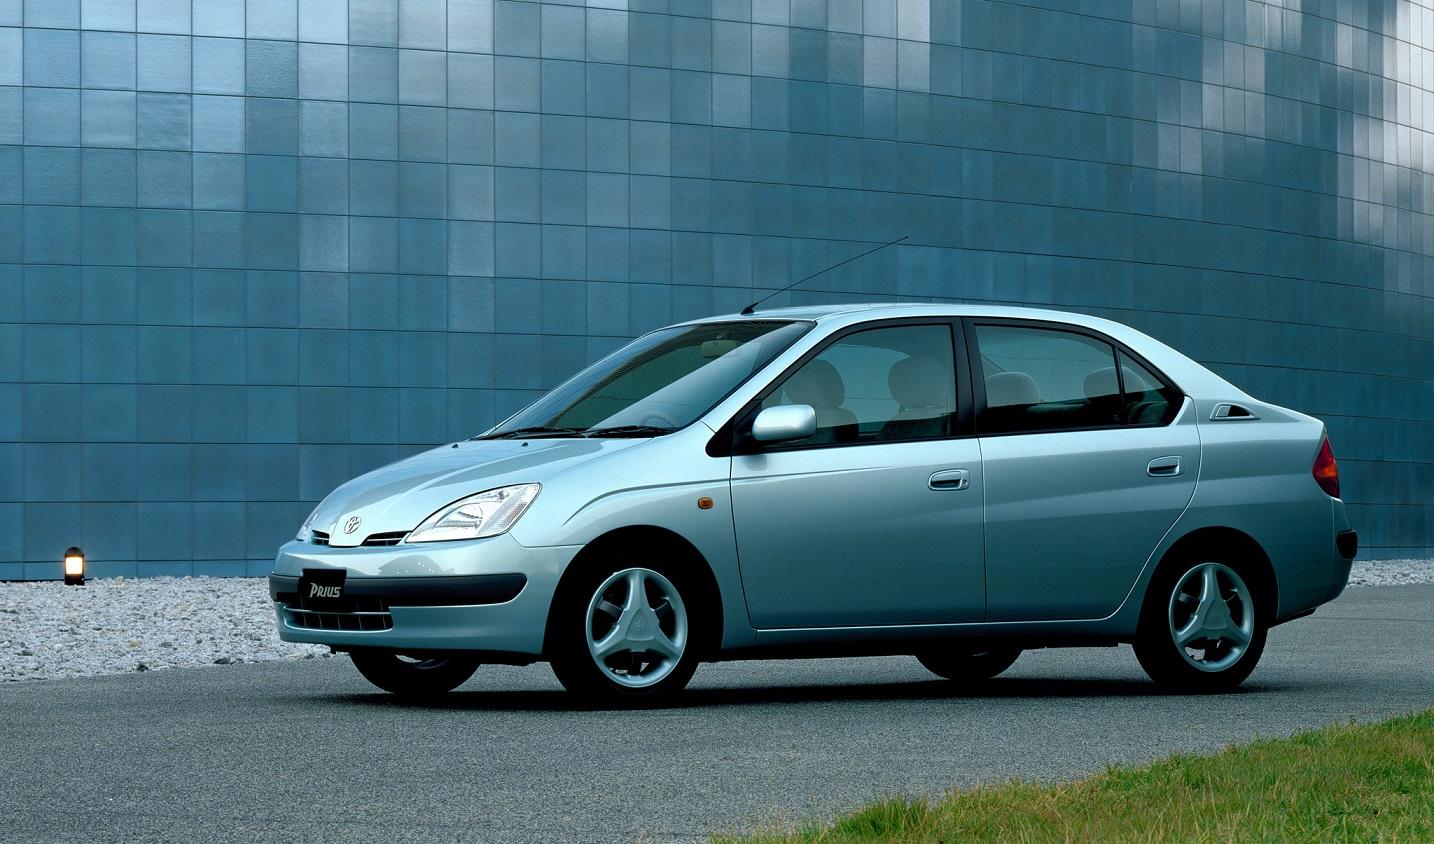 toyota prius japones 1997 a 2000 tipos de carros híbridos